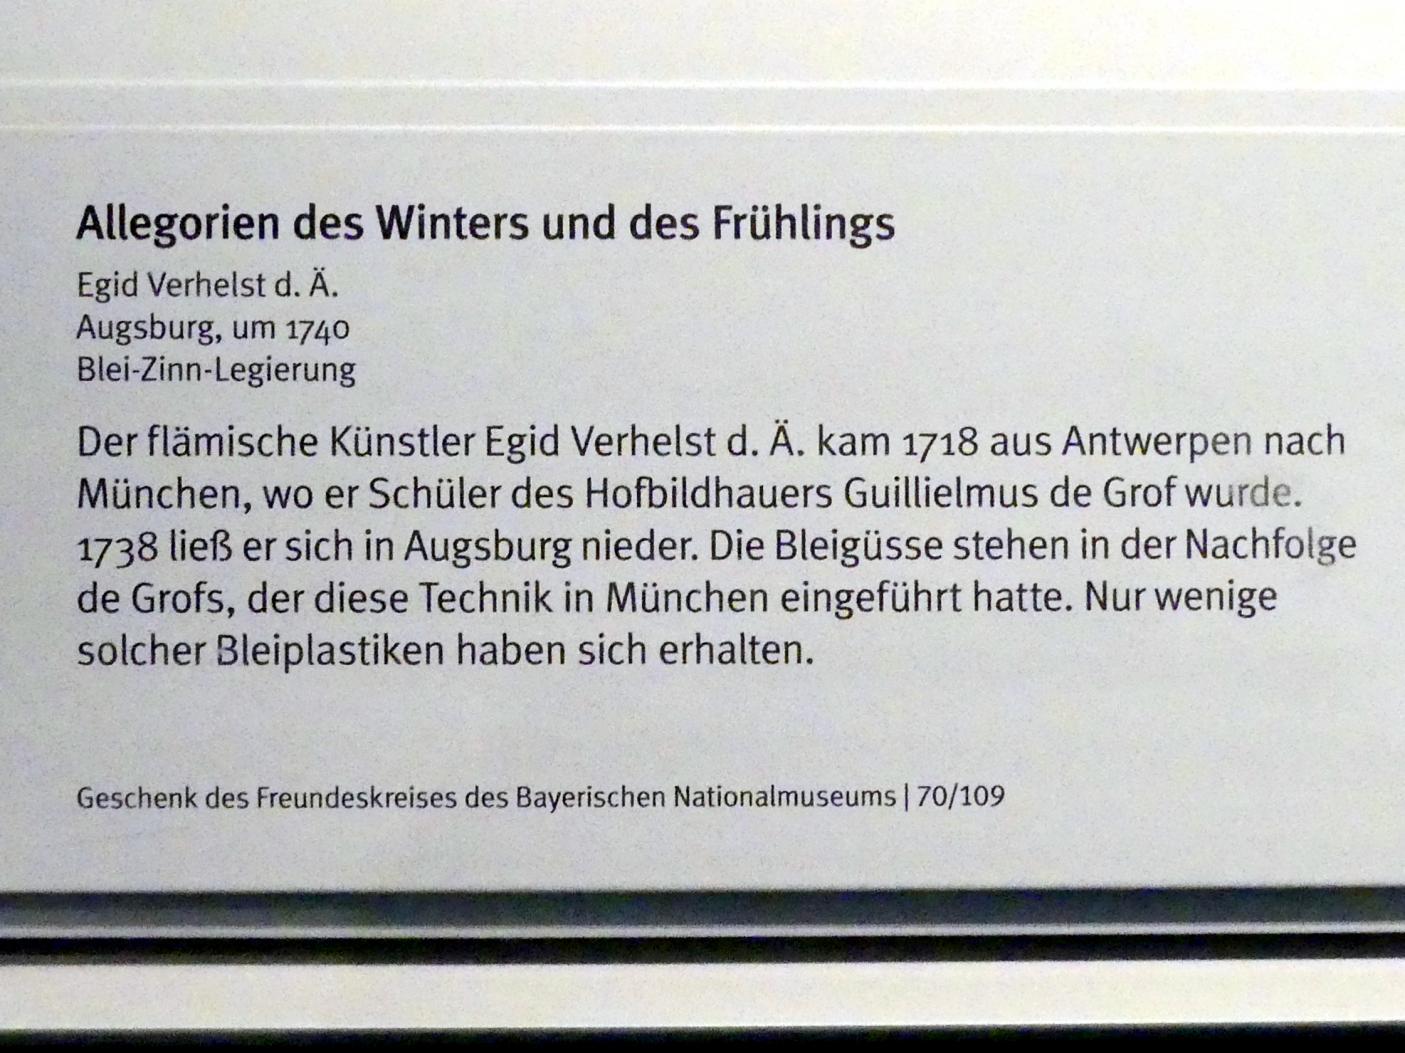 Egid Verhelst der Ältere (Aegid Verhelst): Allegorien des Winters und des Frühlings, Um 1740